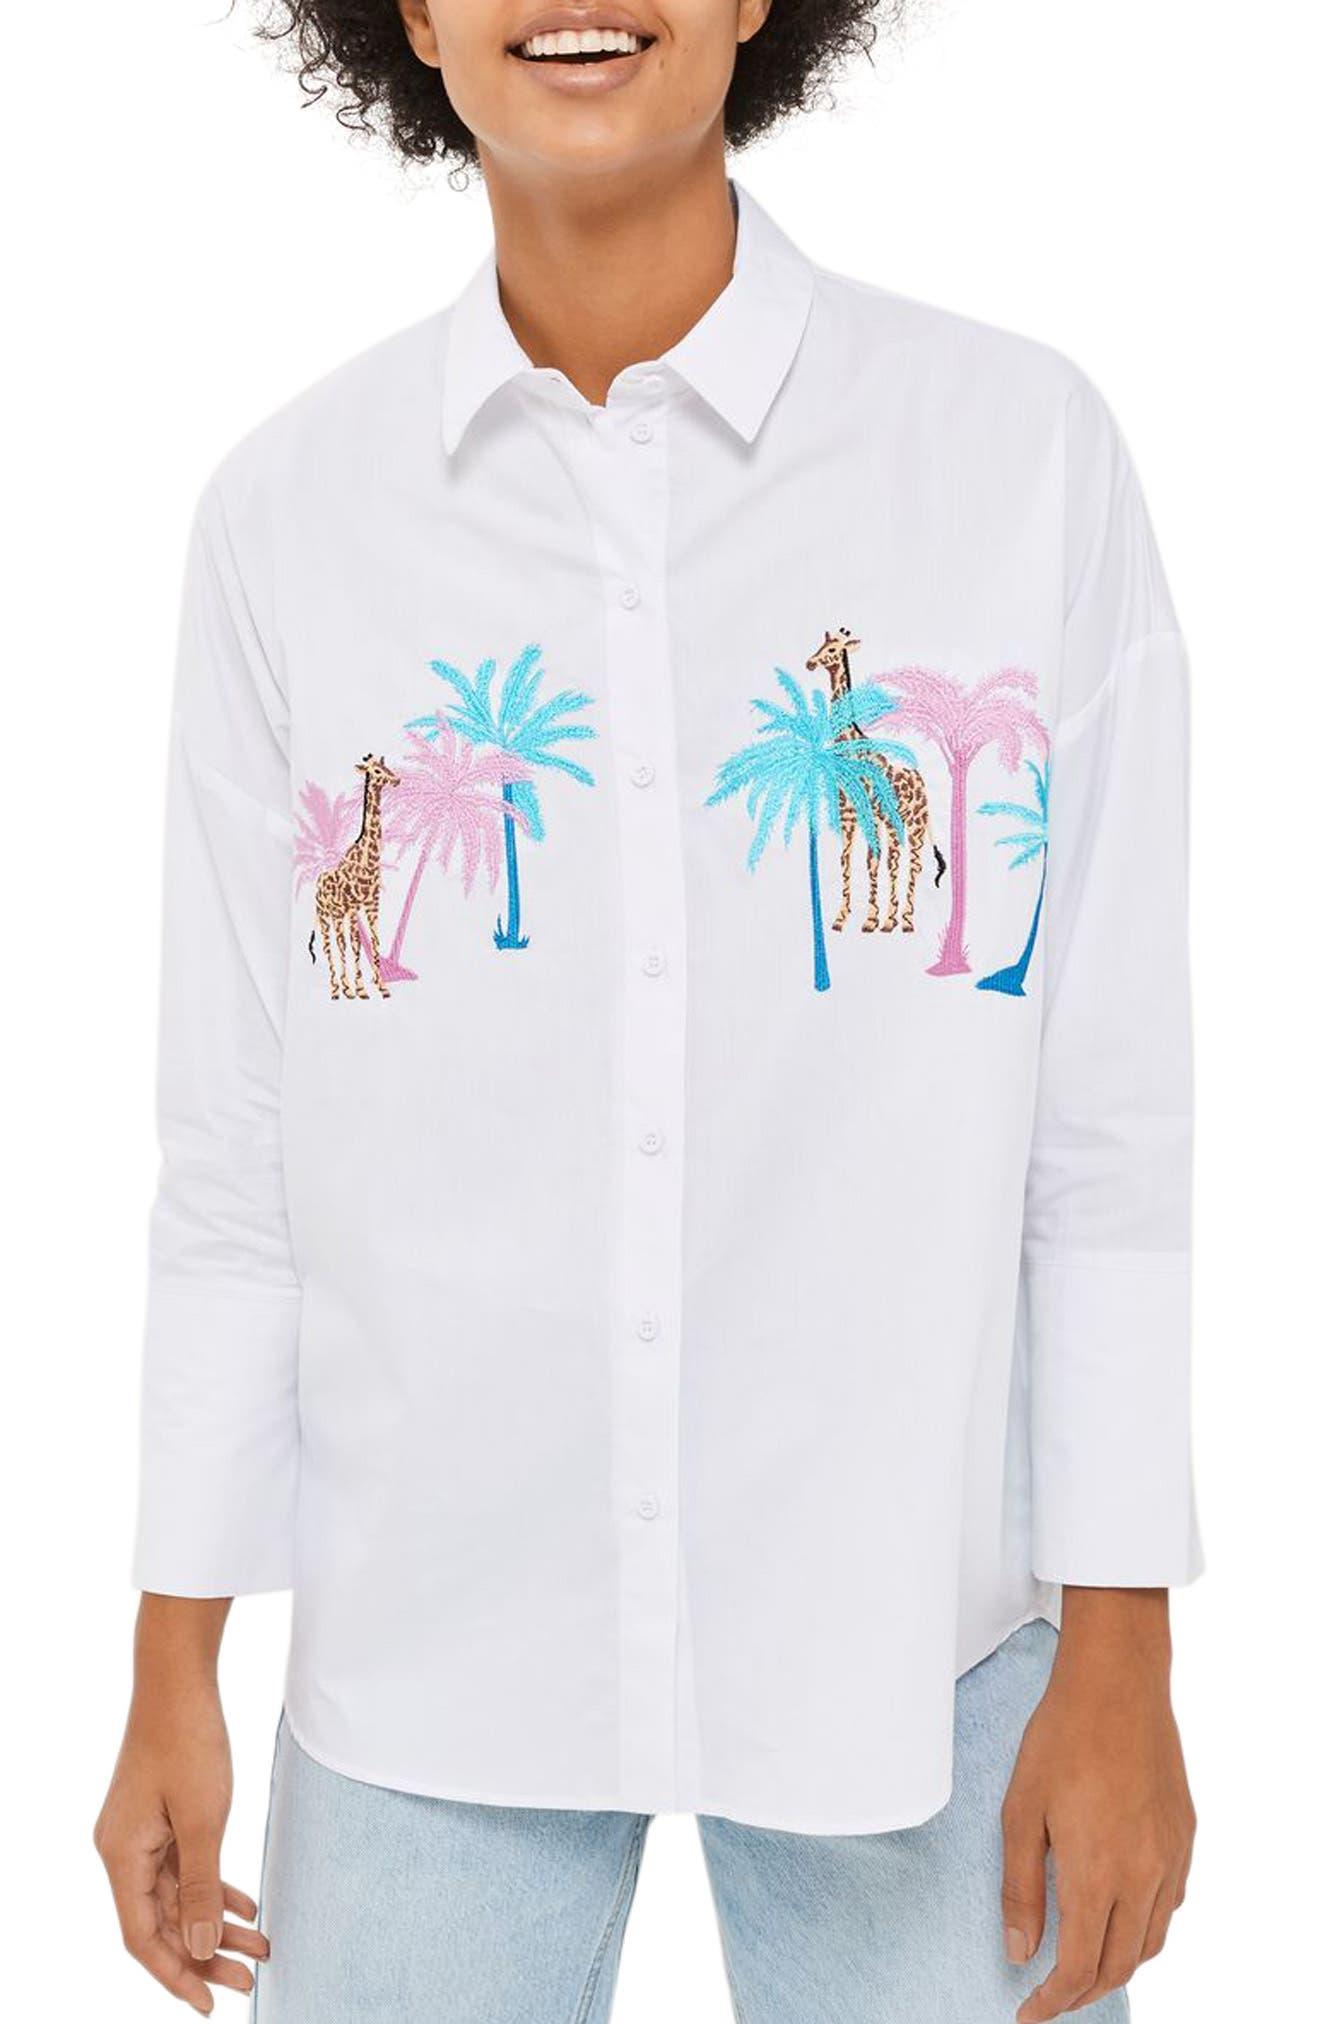 Topshop Palm & Giraffe Embroidered Shirt